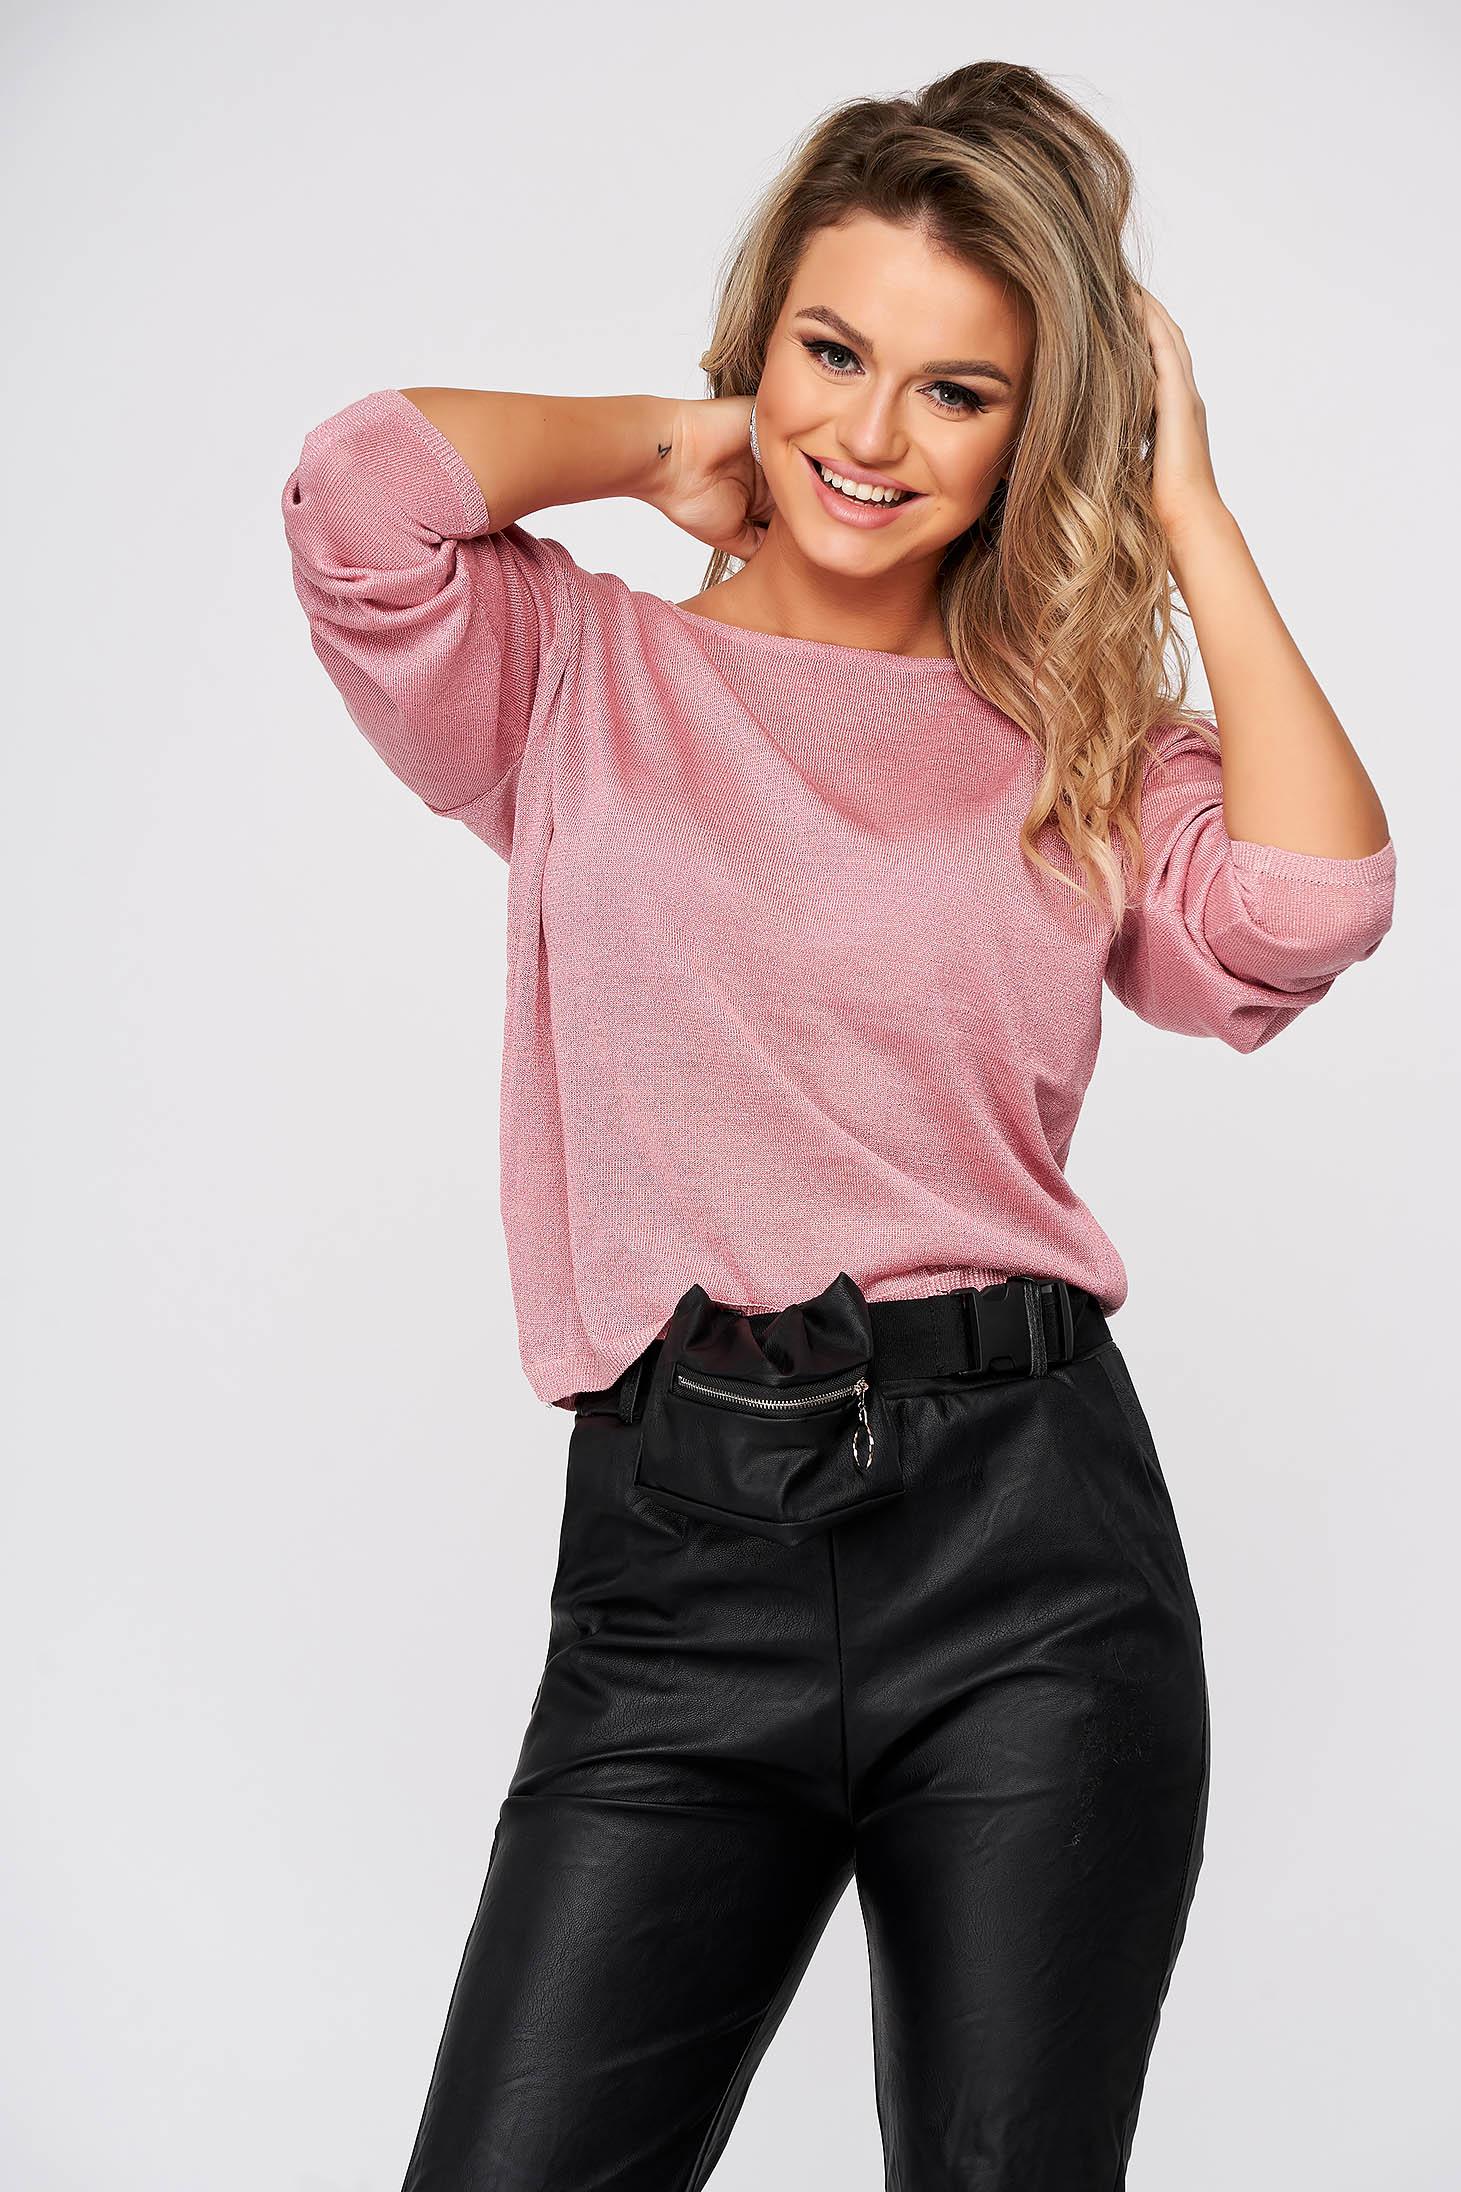 Világos rózsaszínű pulóver casual bő szabású kötött kivágott hátrésszel